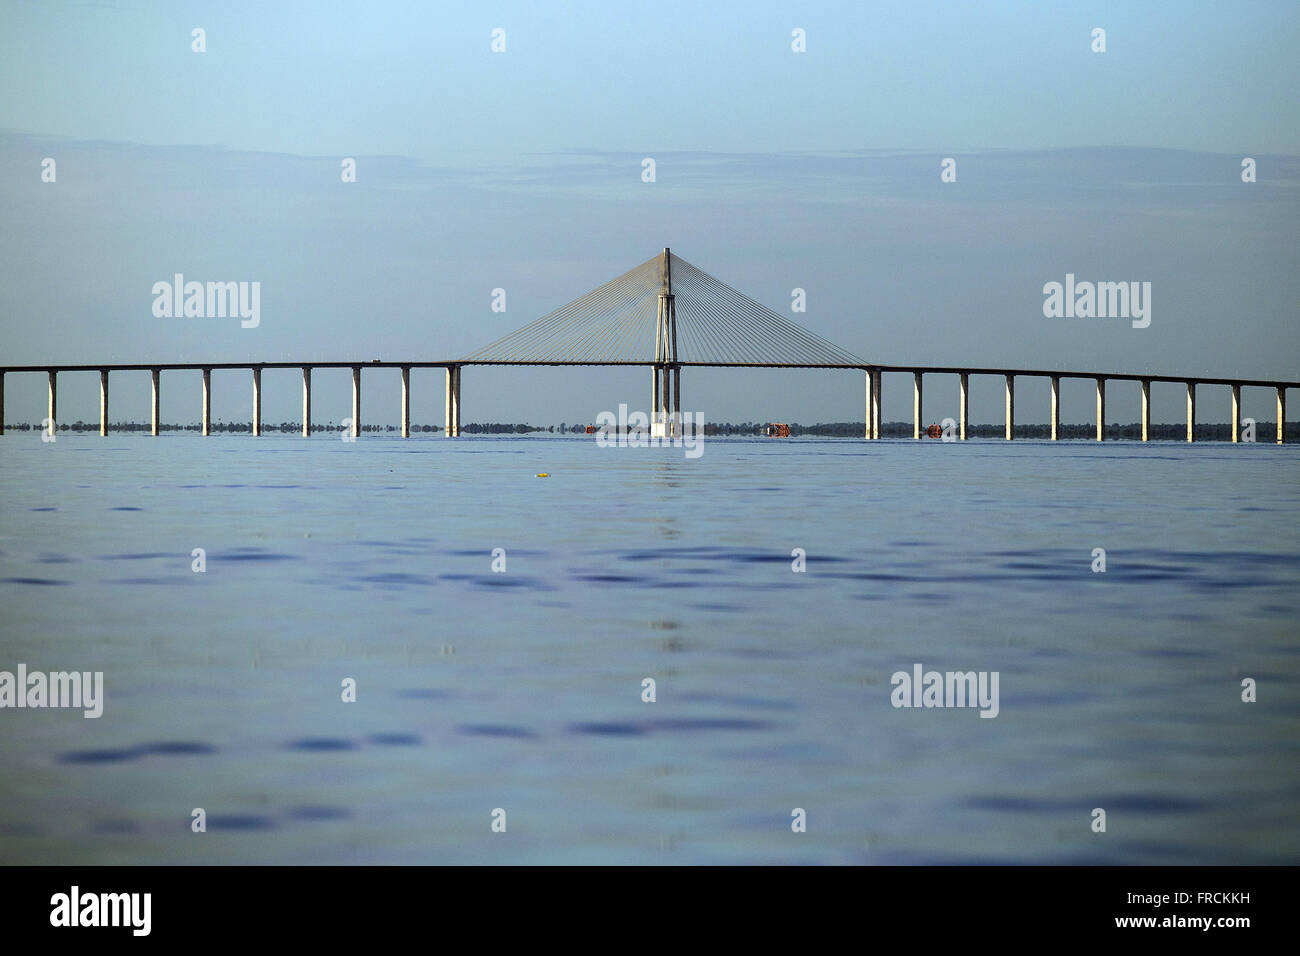 Ponte Rio Negro - ponte estaiada liga Manaus a Iranduba e demais cidades da região metropolitana - Stock Image